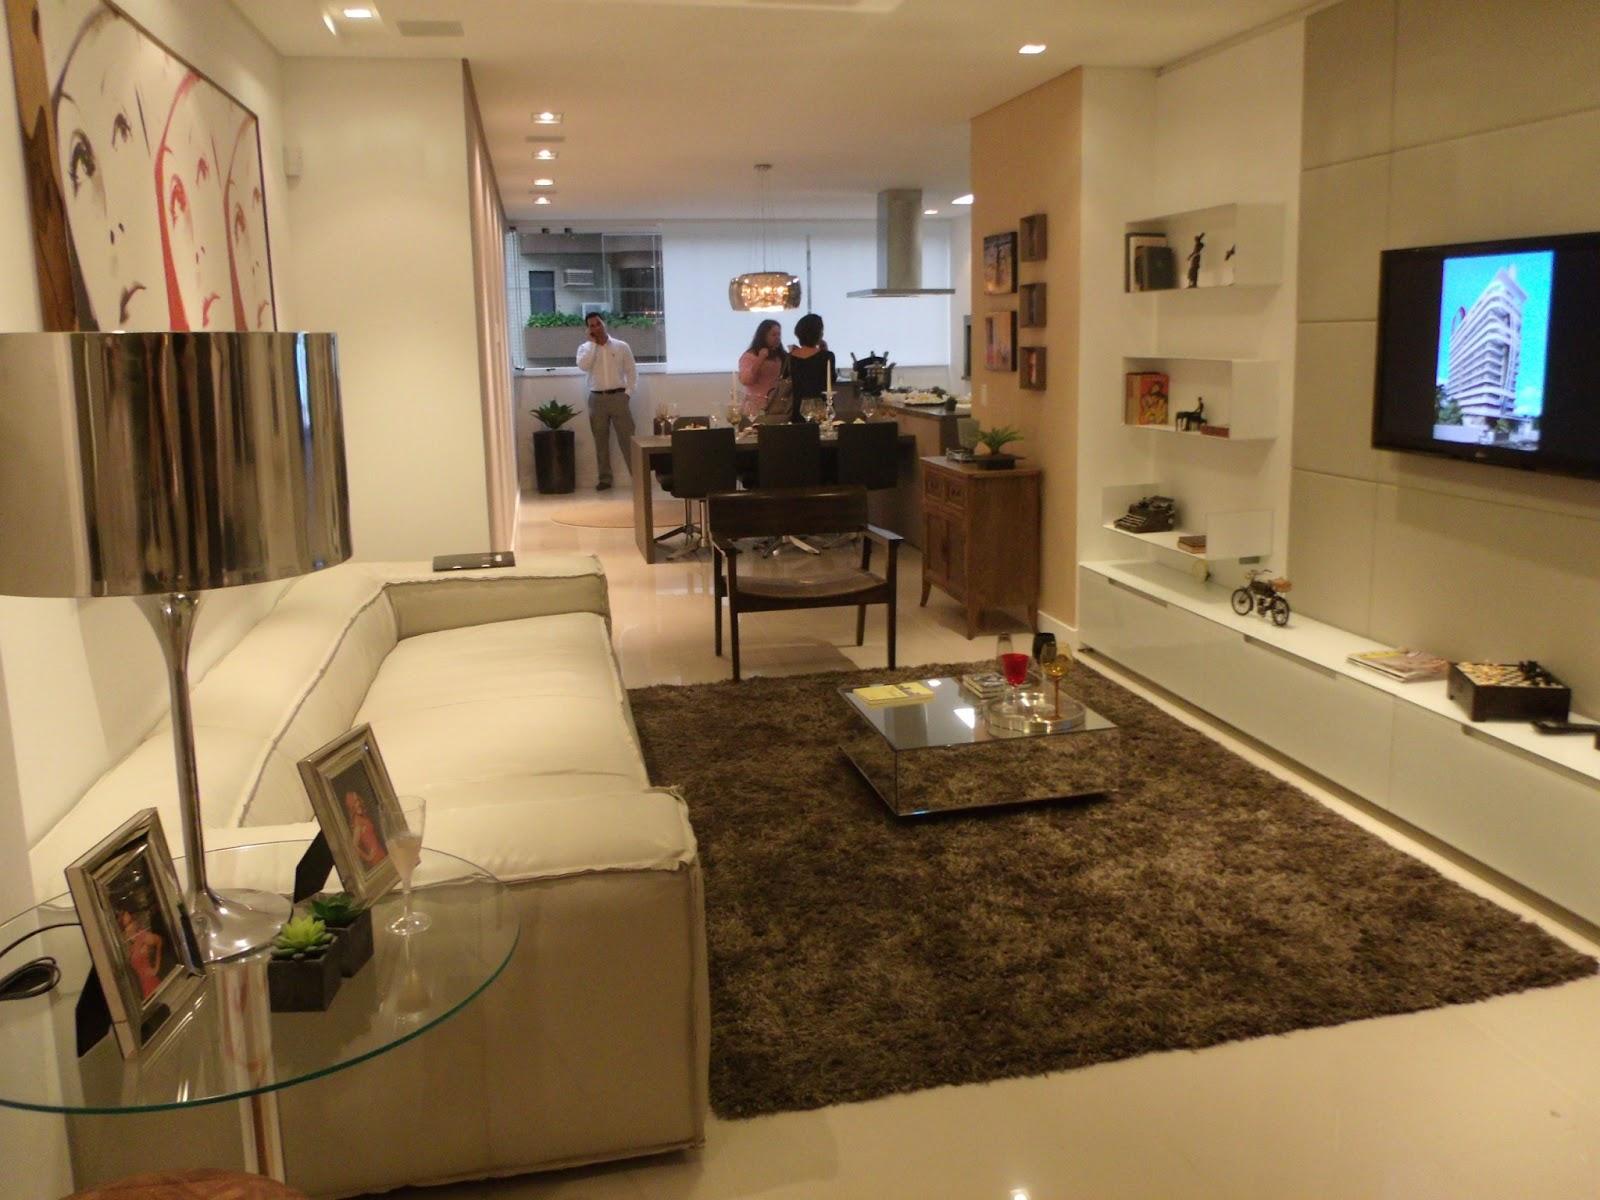 Fotos De Sala De Estar Apartamento ~ Na foto abaixo aparecem sala de estar, sala de jantar e ambiente da